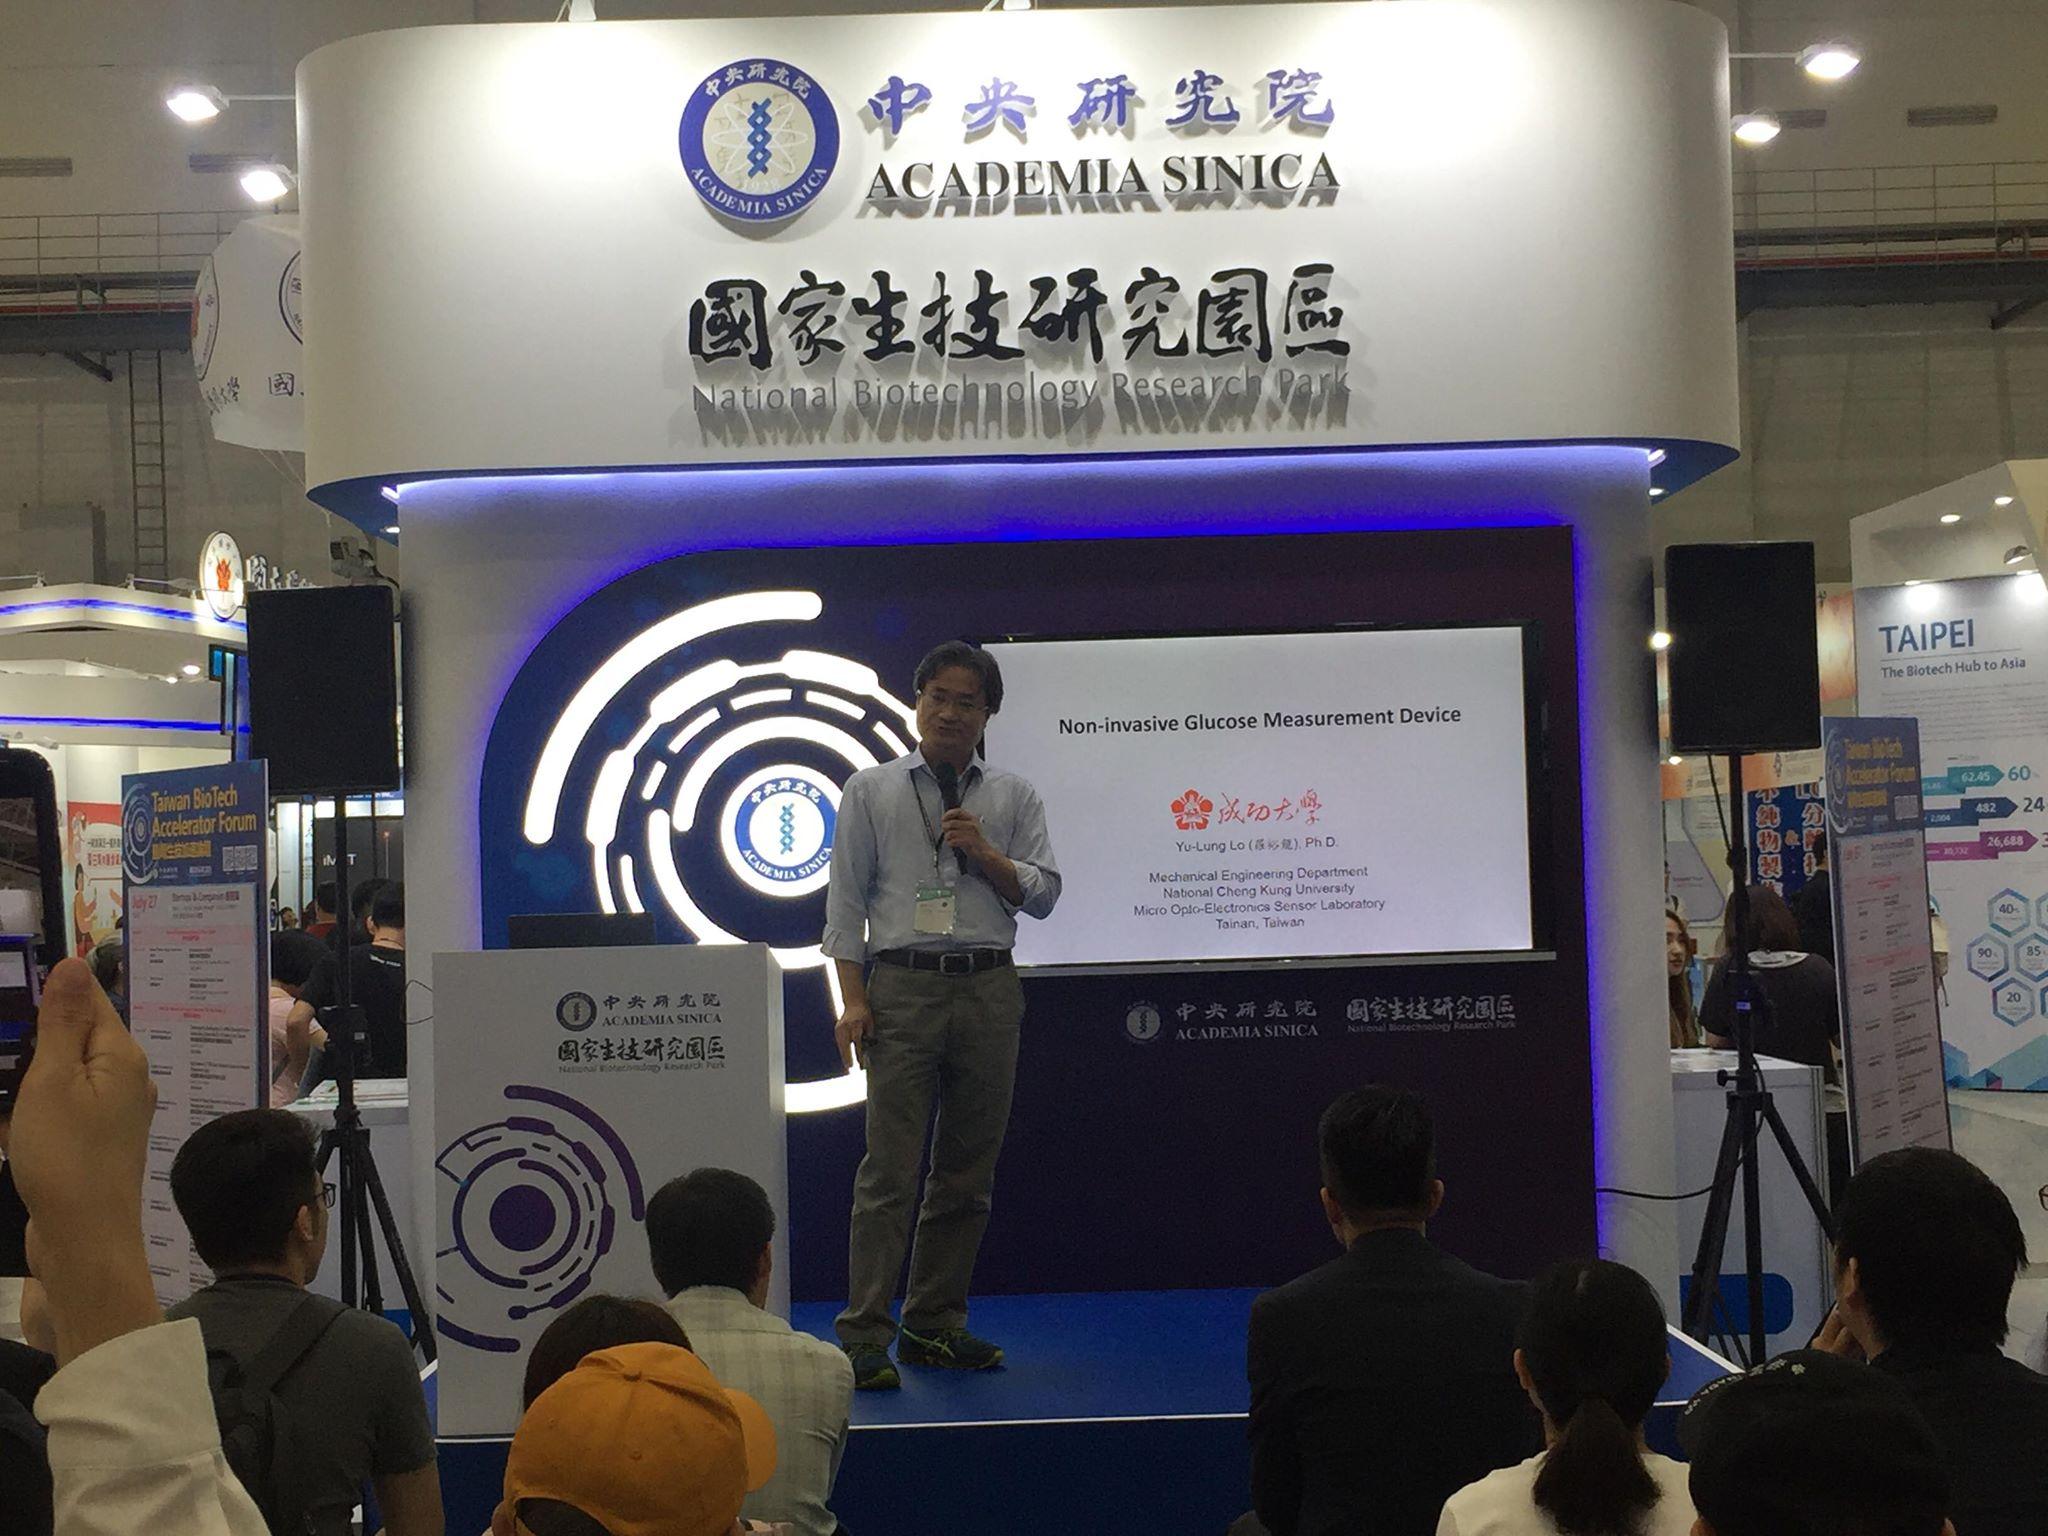 團隊參加7/27日亞洲生技大會,由羅裕龍教授代表上台發表研究成果